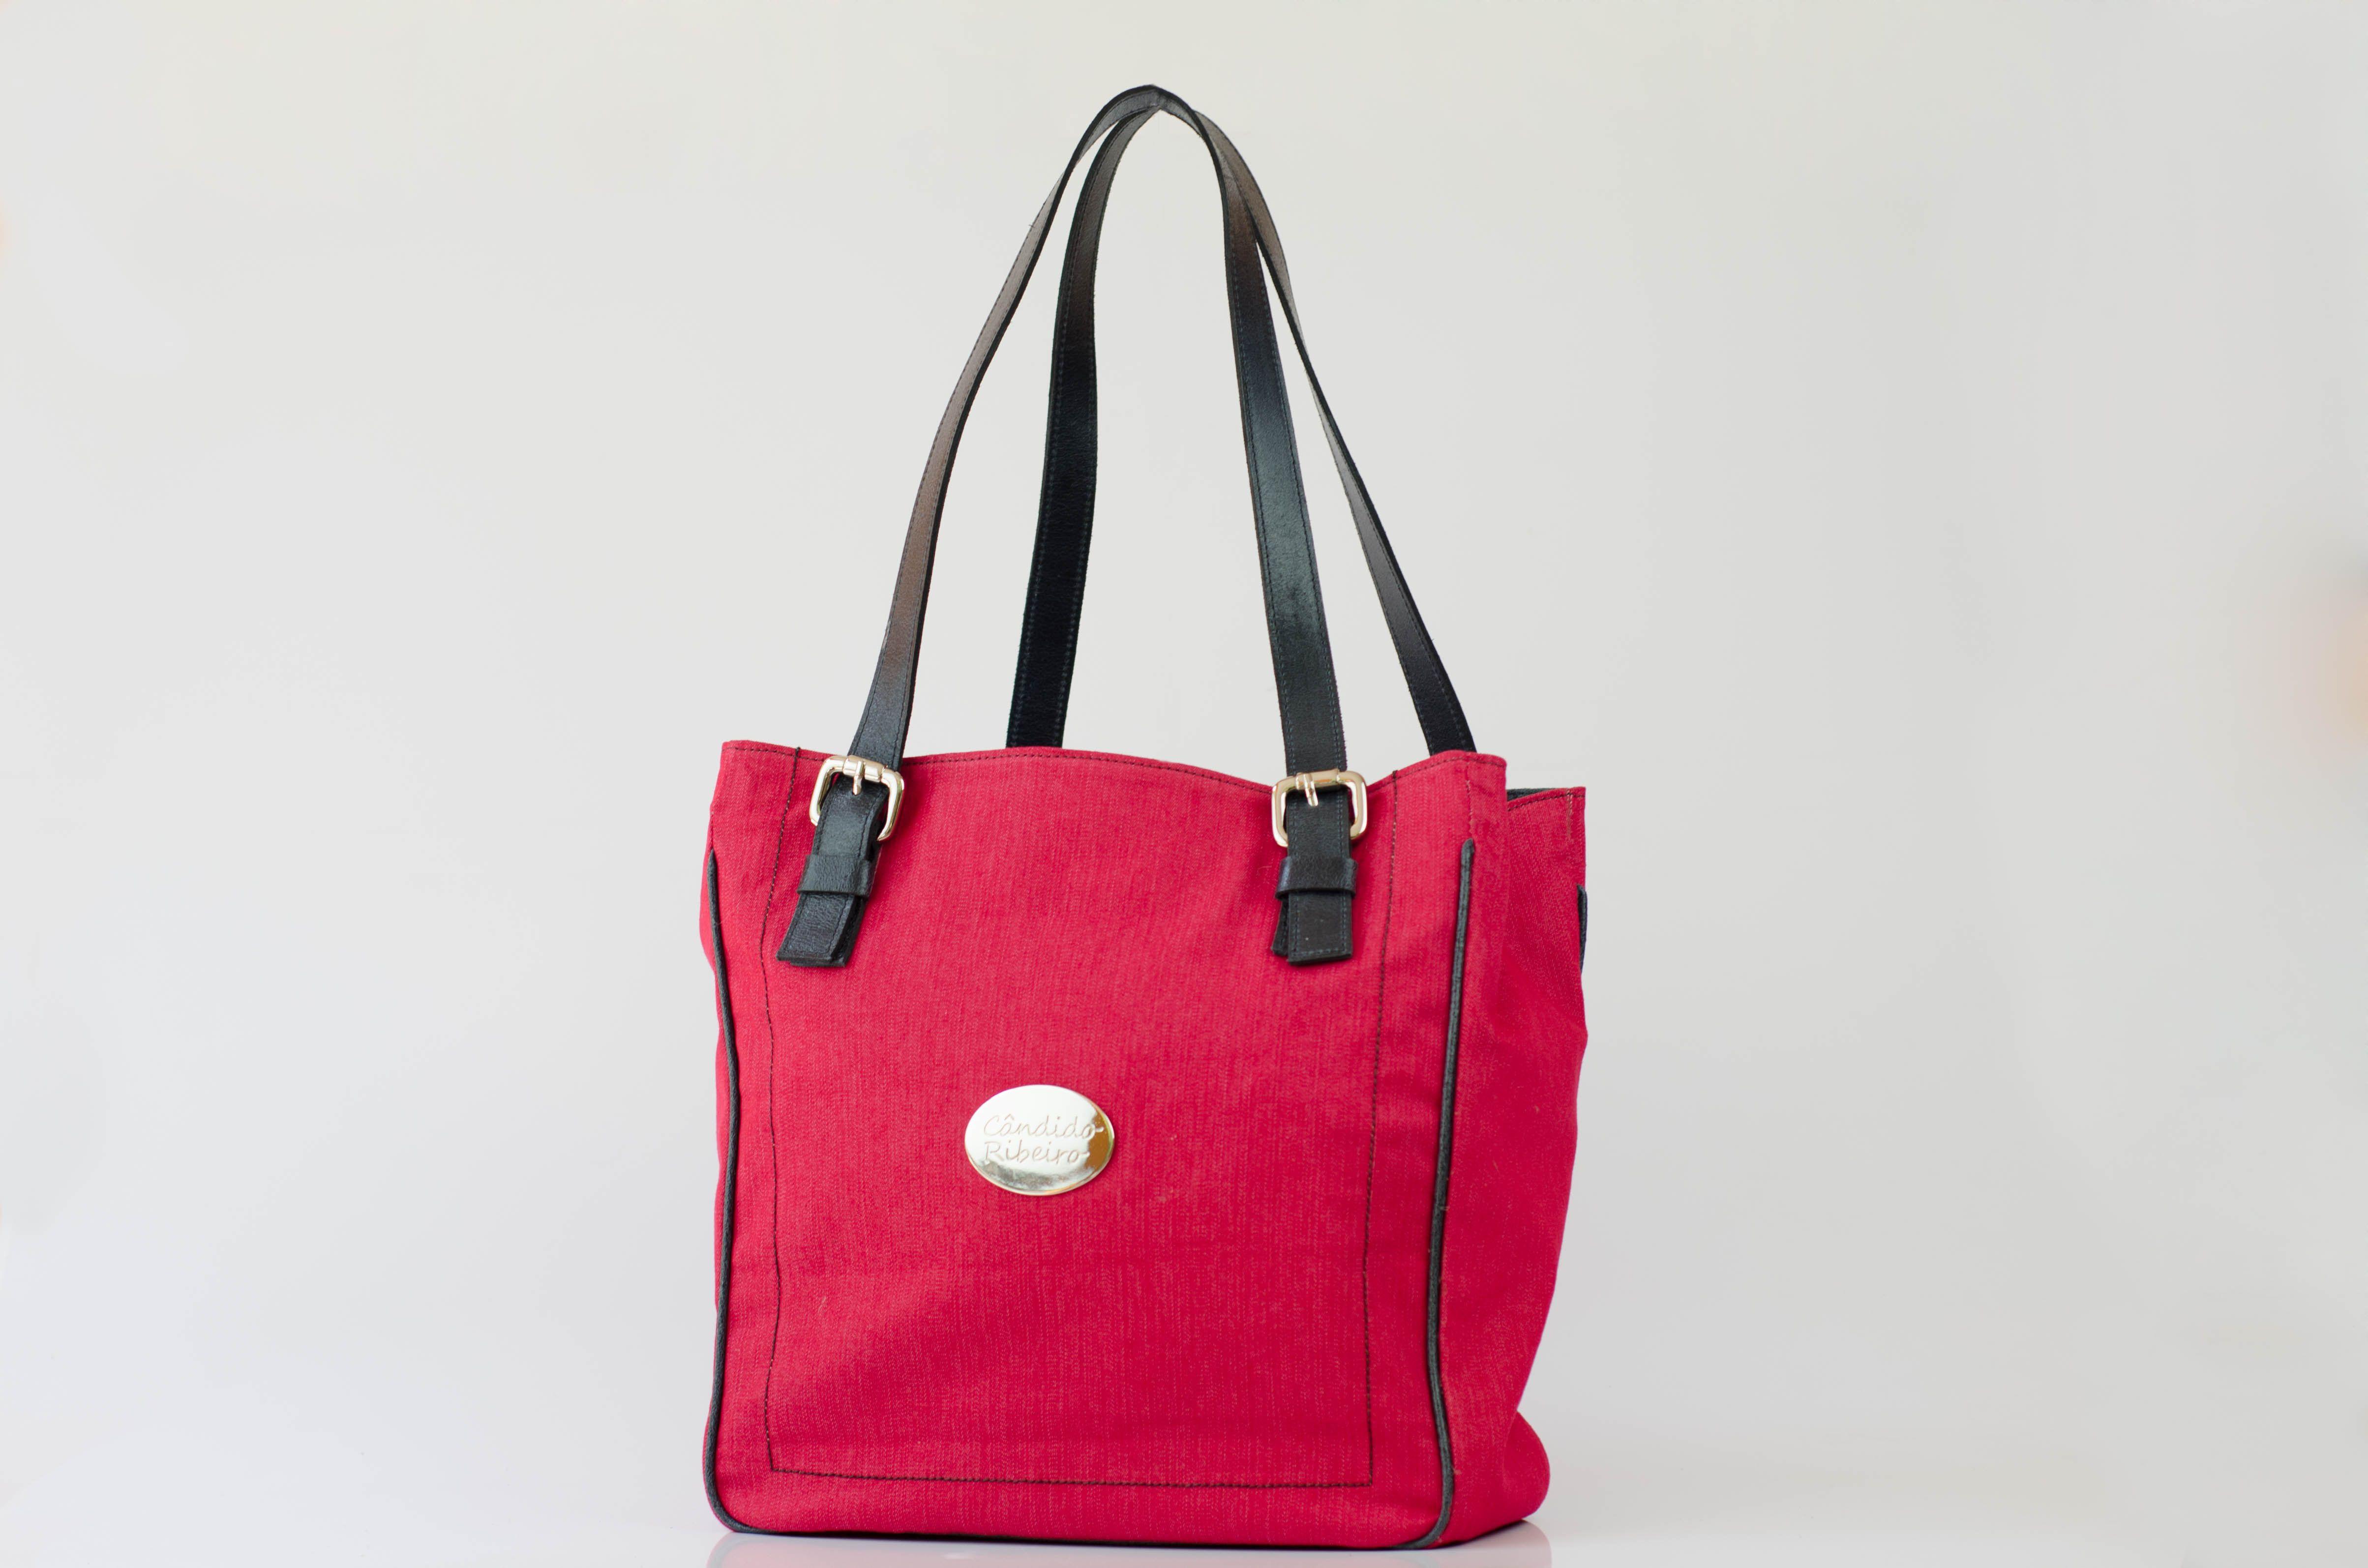 #BOLSA ANETTE Vermelho, a cor que aquece e marca nosso inverno. http://www.candidoribeiro.com.br/bolsas-jeans-vermelho http://www.crvirtual.com.br/produto/anette-10-e-122